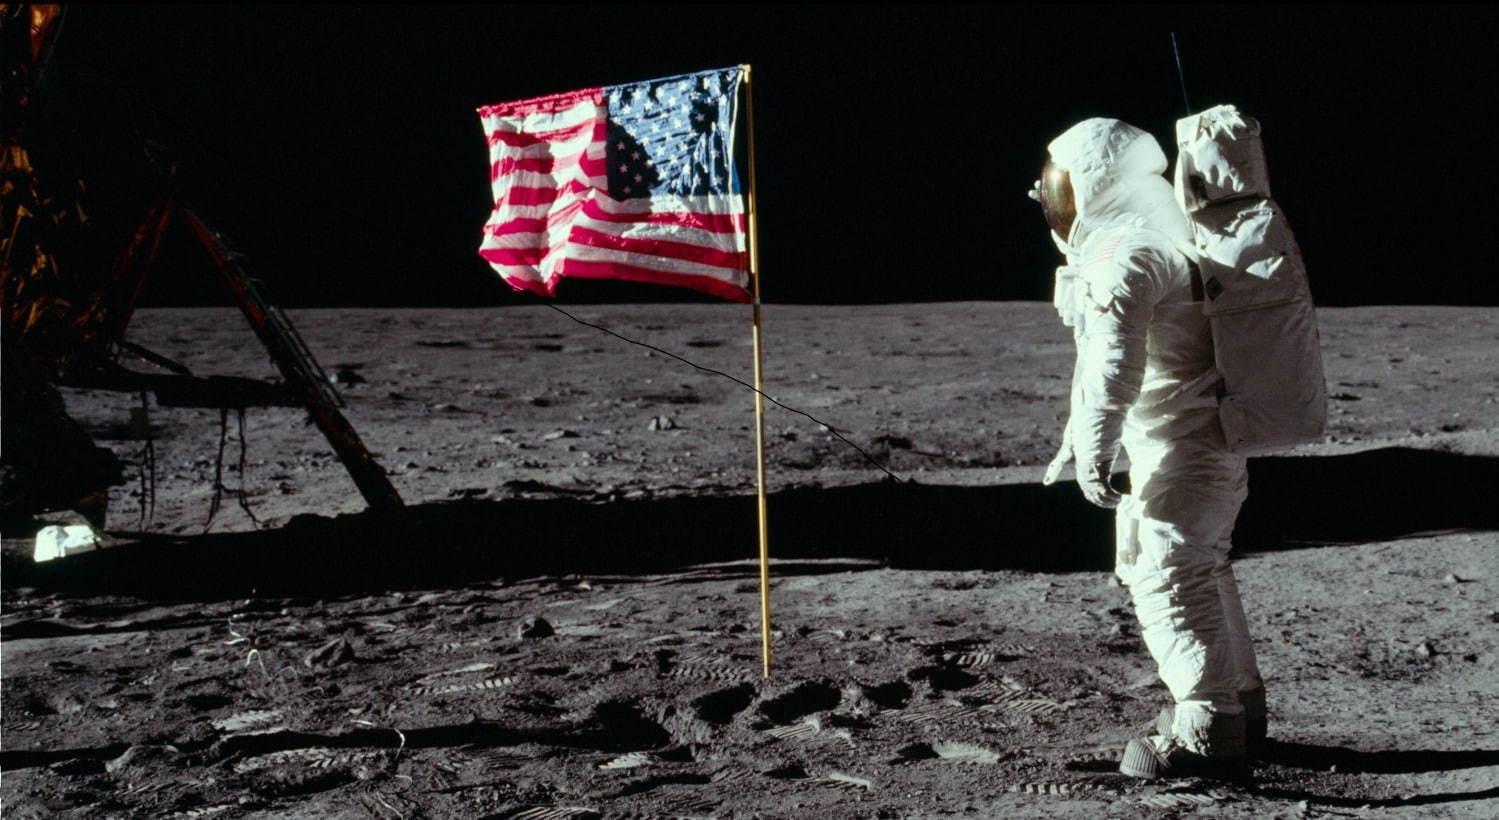 『アポロ11号[完全版]』月面の星条旗